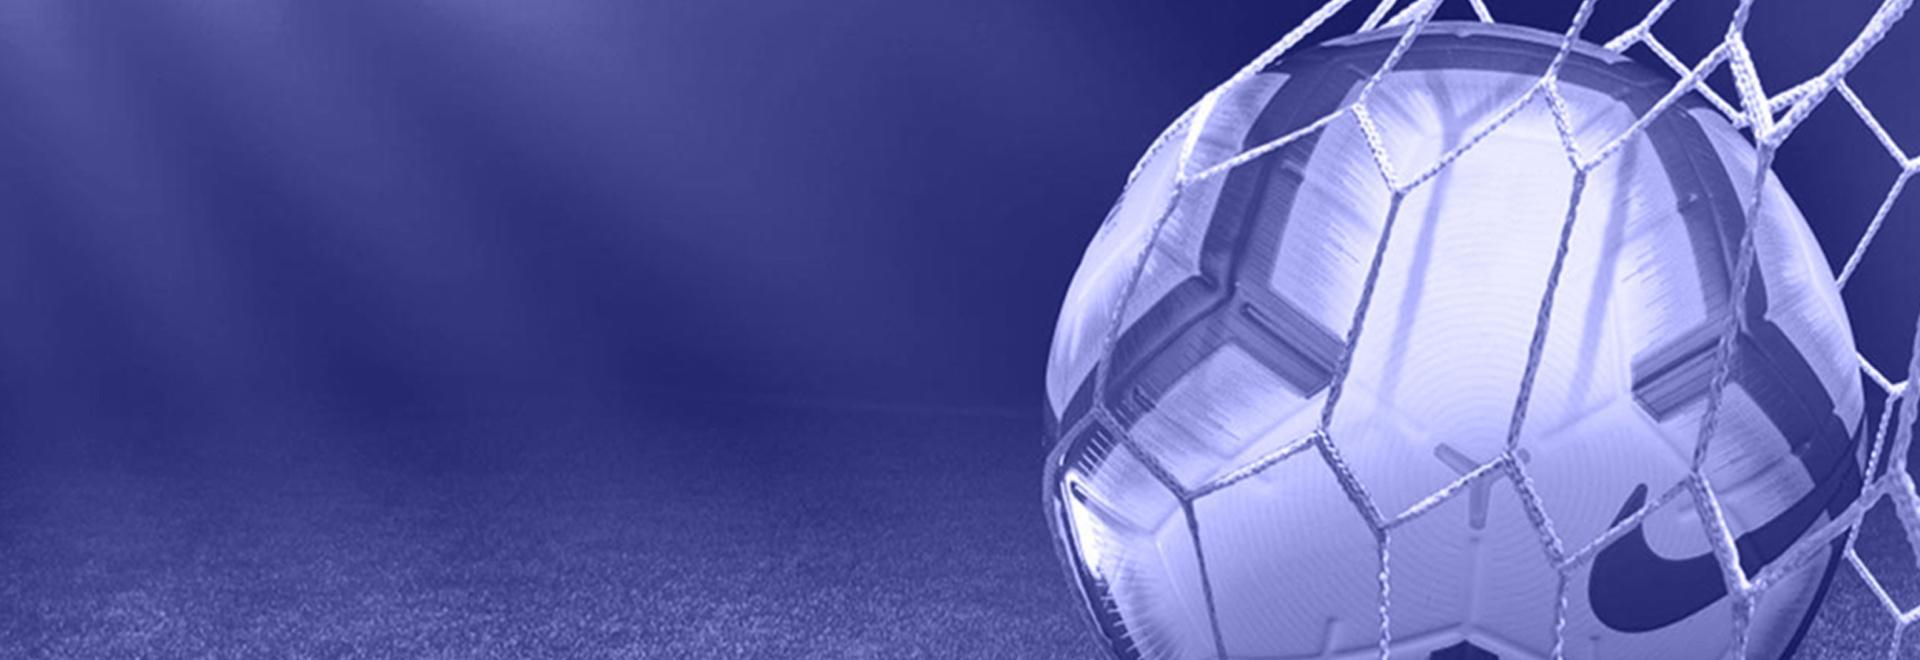 Lazio - Juventus 07/12/19